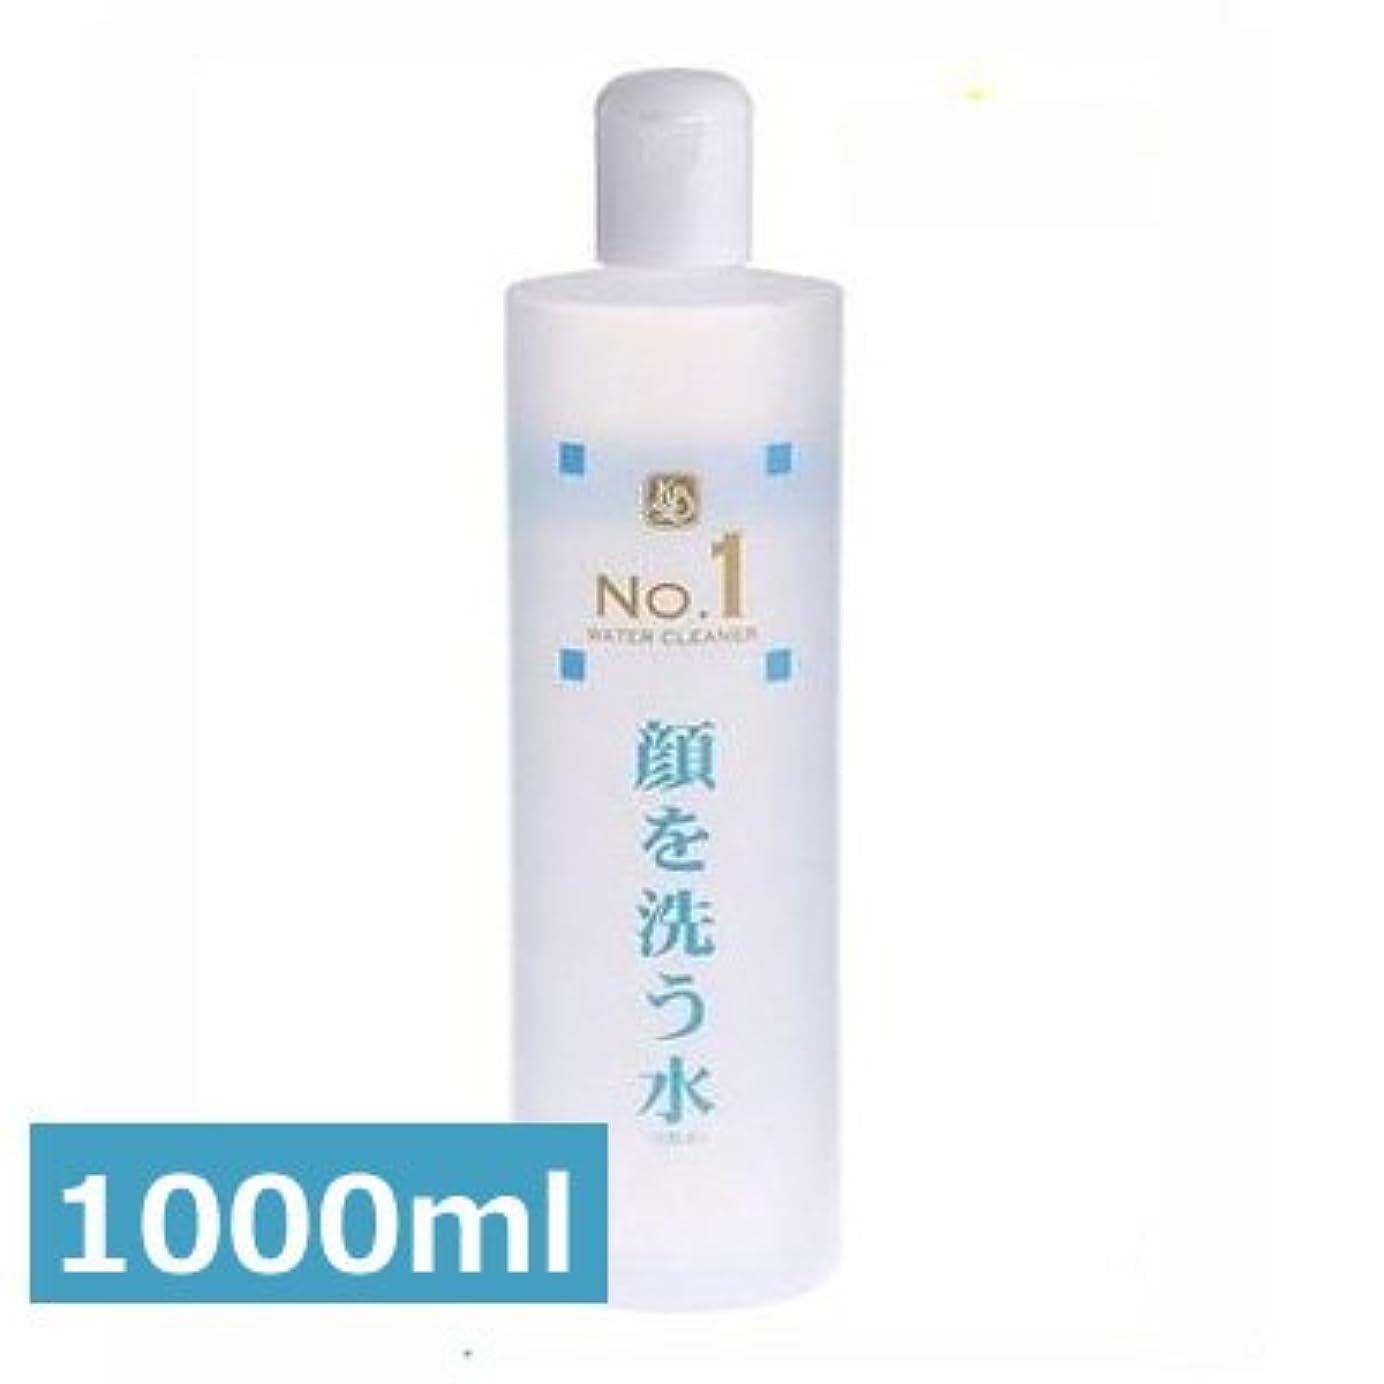 特性やりがいのあるアストロラーベ顔を洗う水 No.1 1000ml×2本